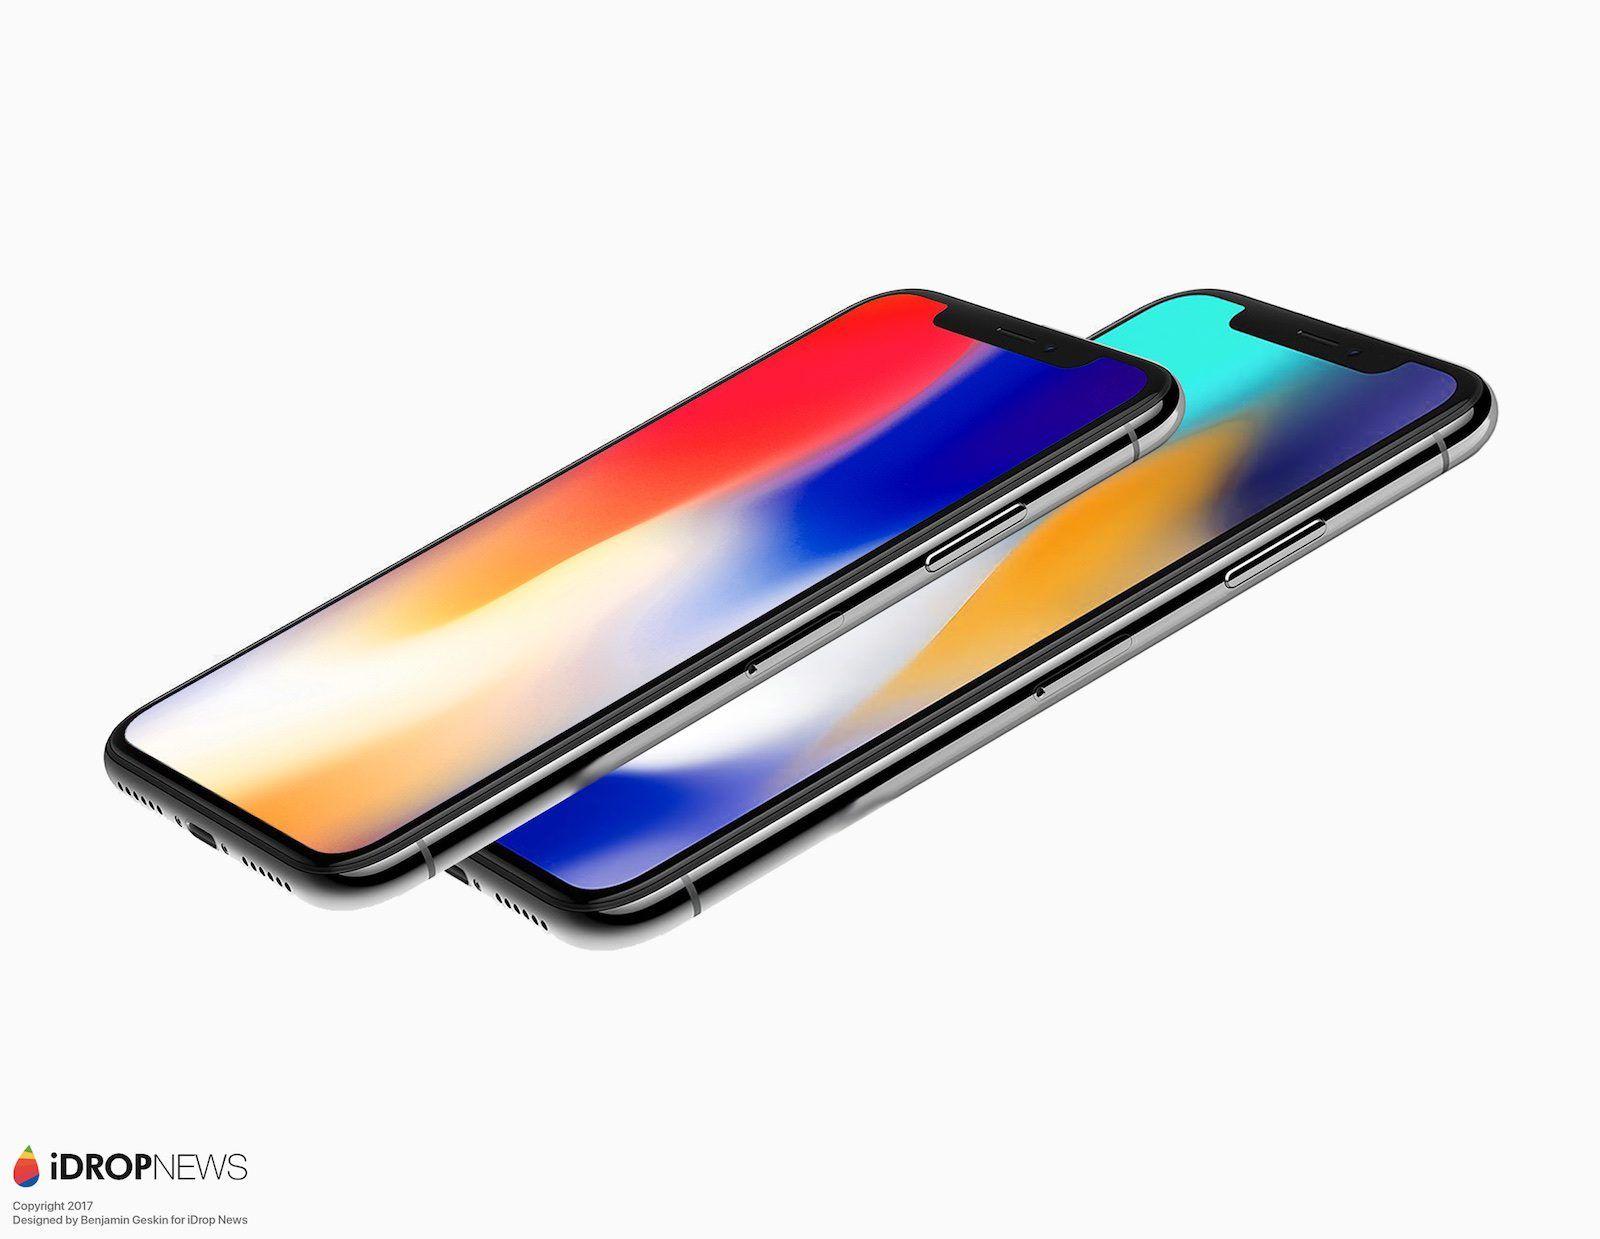 Un esemplare del nuovo iPhone X bianco compare in un breve video